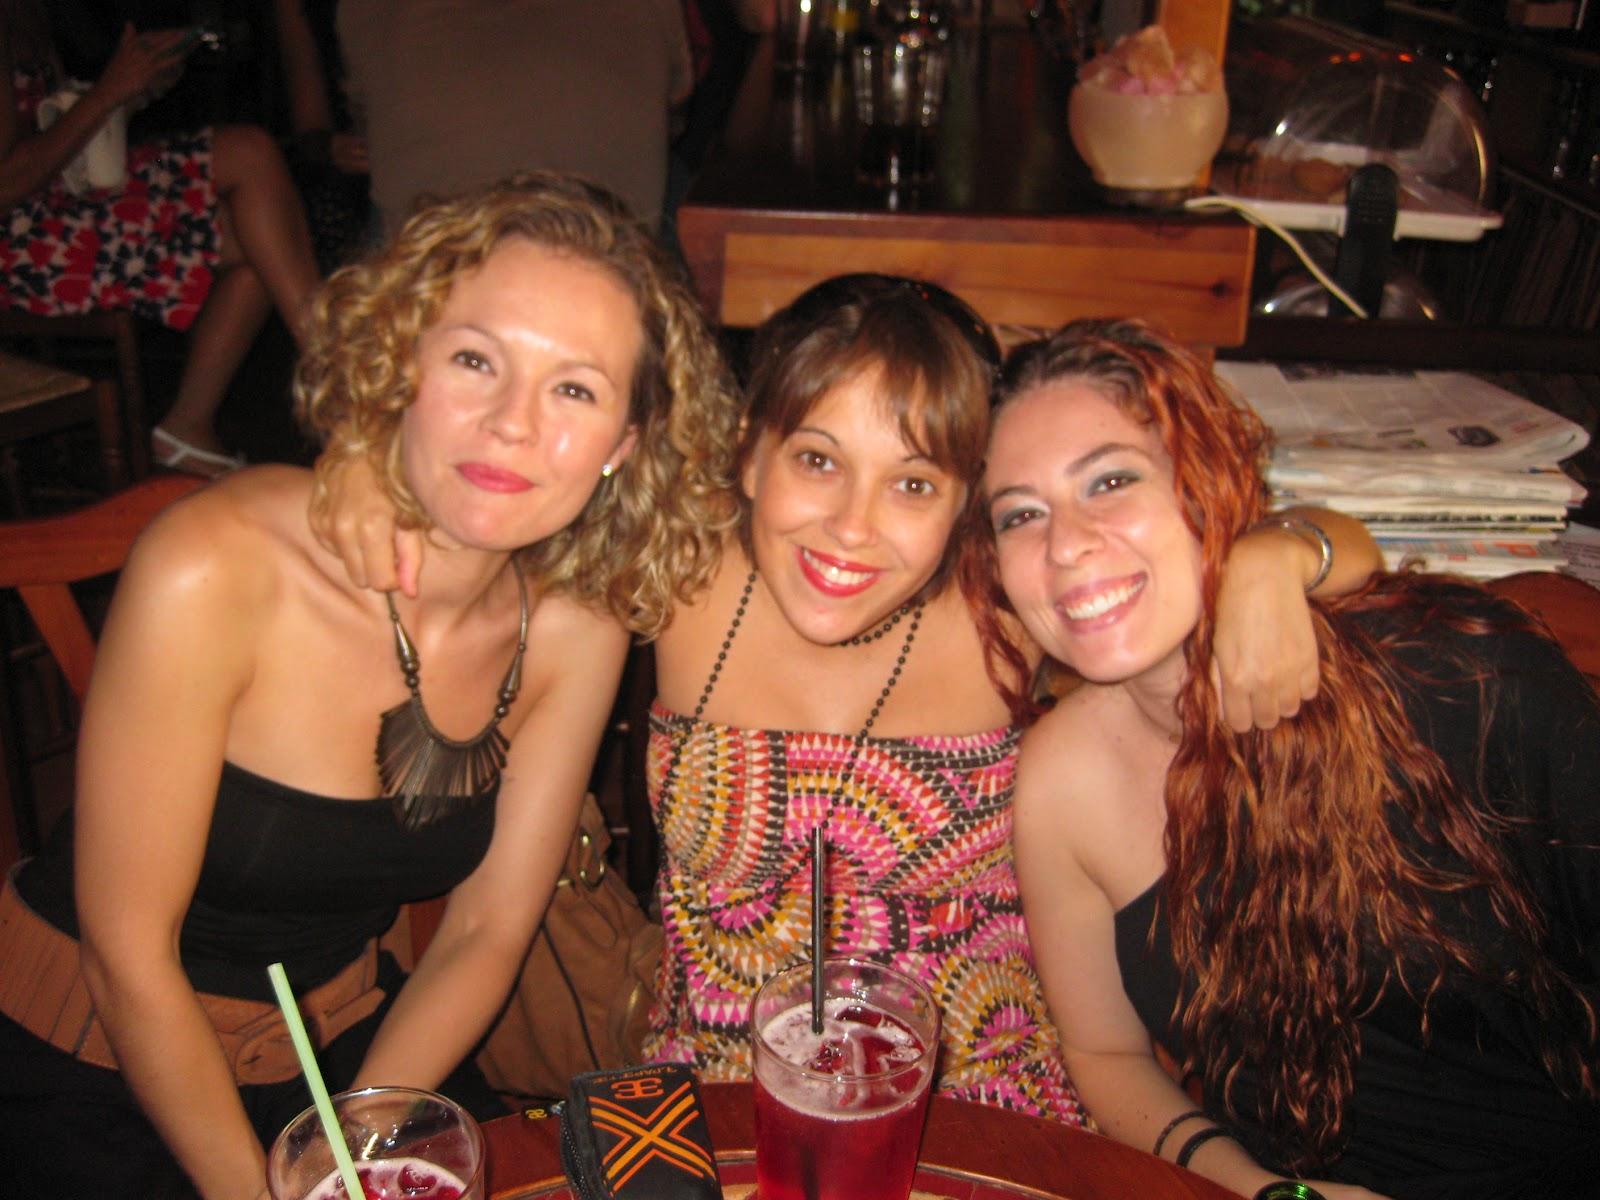 Baño Arabe En Almeria: del concierto en la teteria baños arabes Hammam Almeraya 25/08/2012